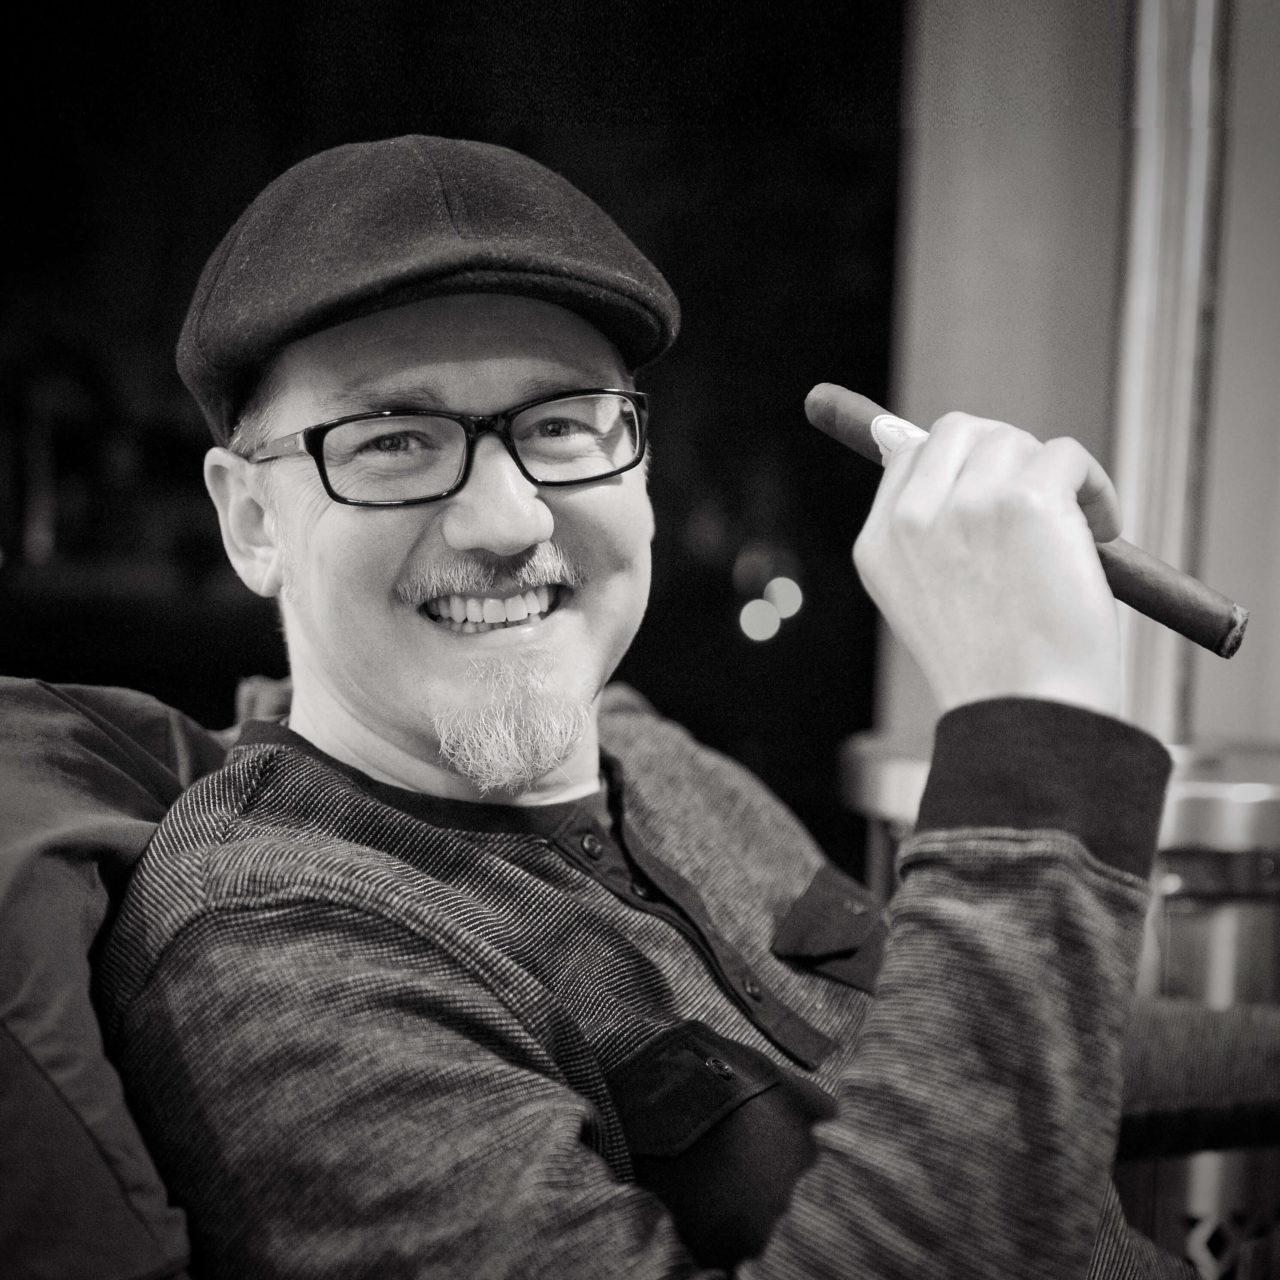 Shawn Hesketh enjoying a cigar